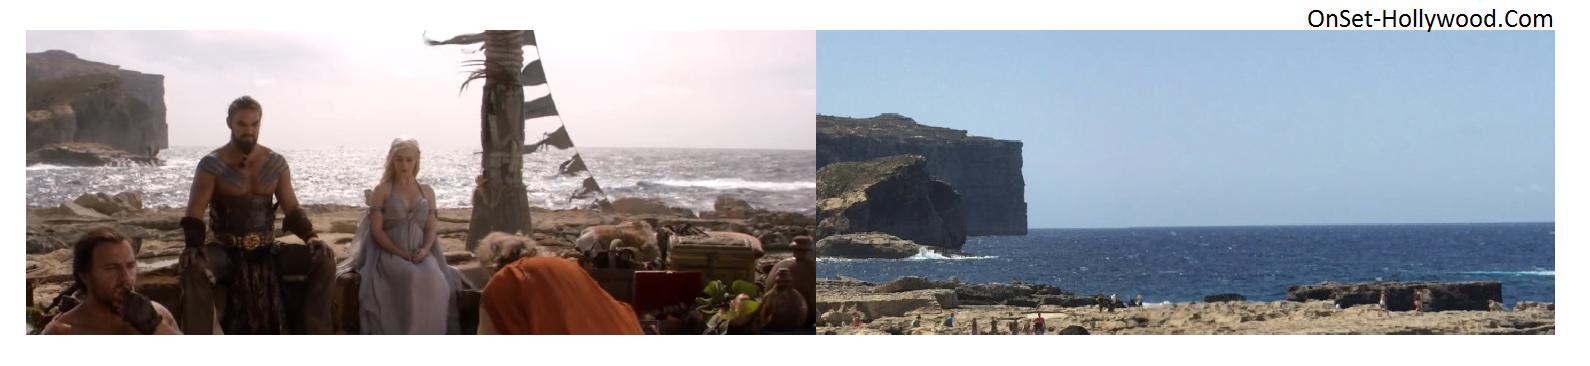 game-of-thrones-filming-locations-Daenerys-Khal-Drogo-wedding2